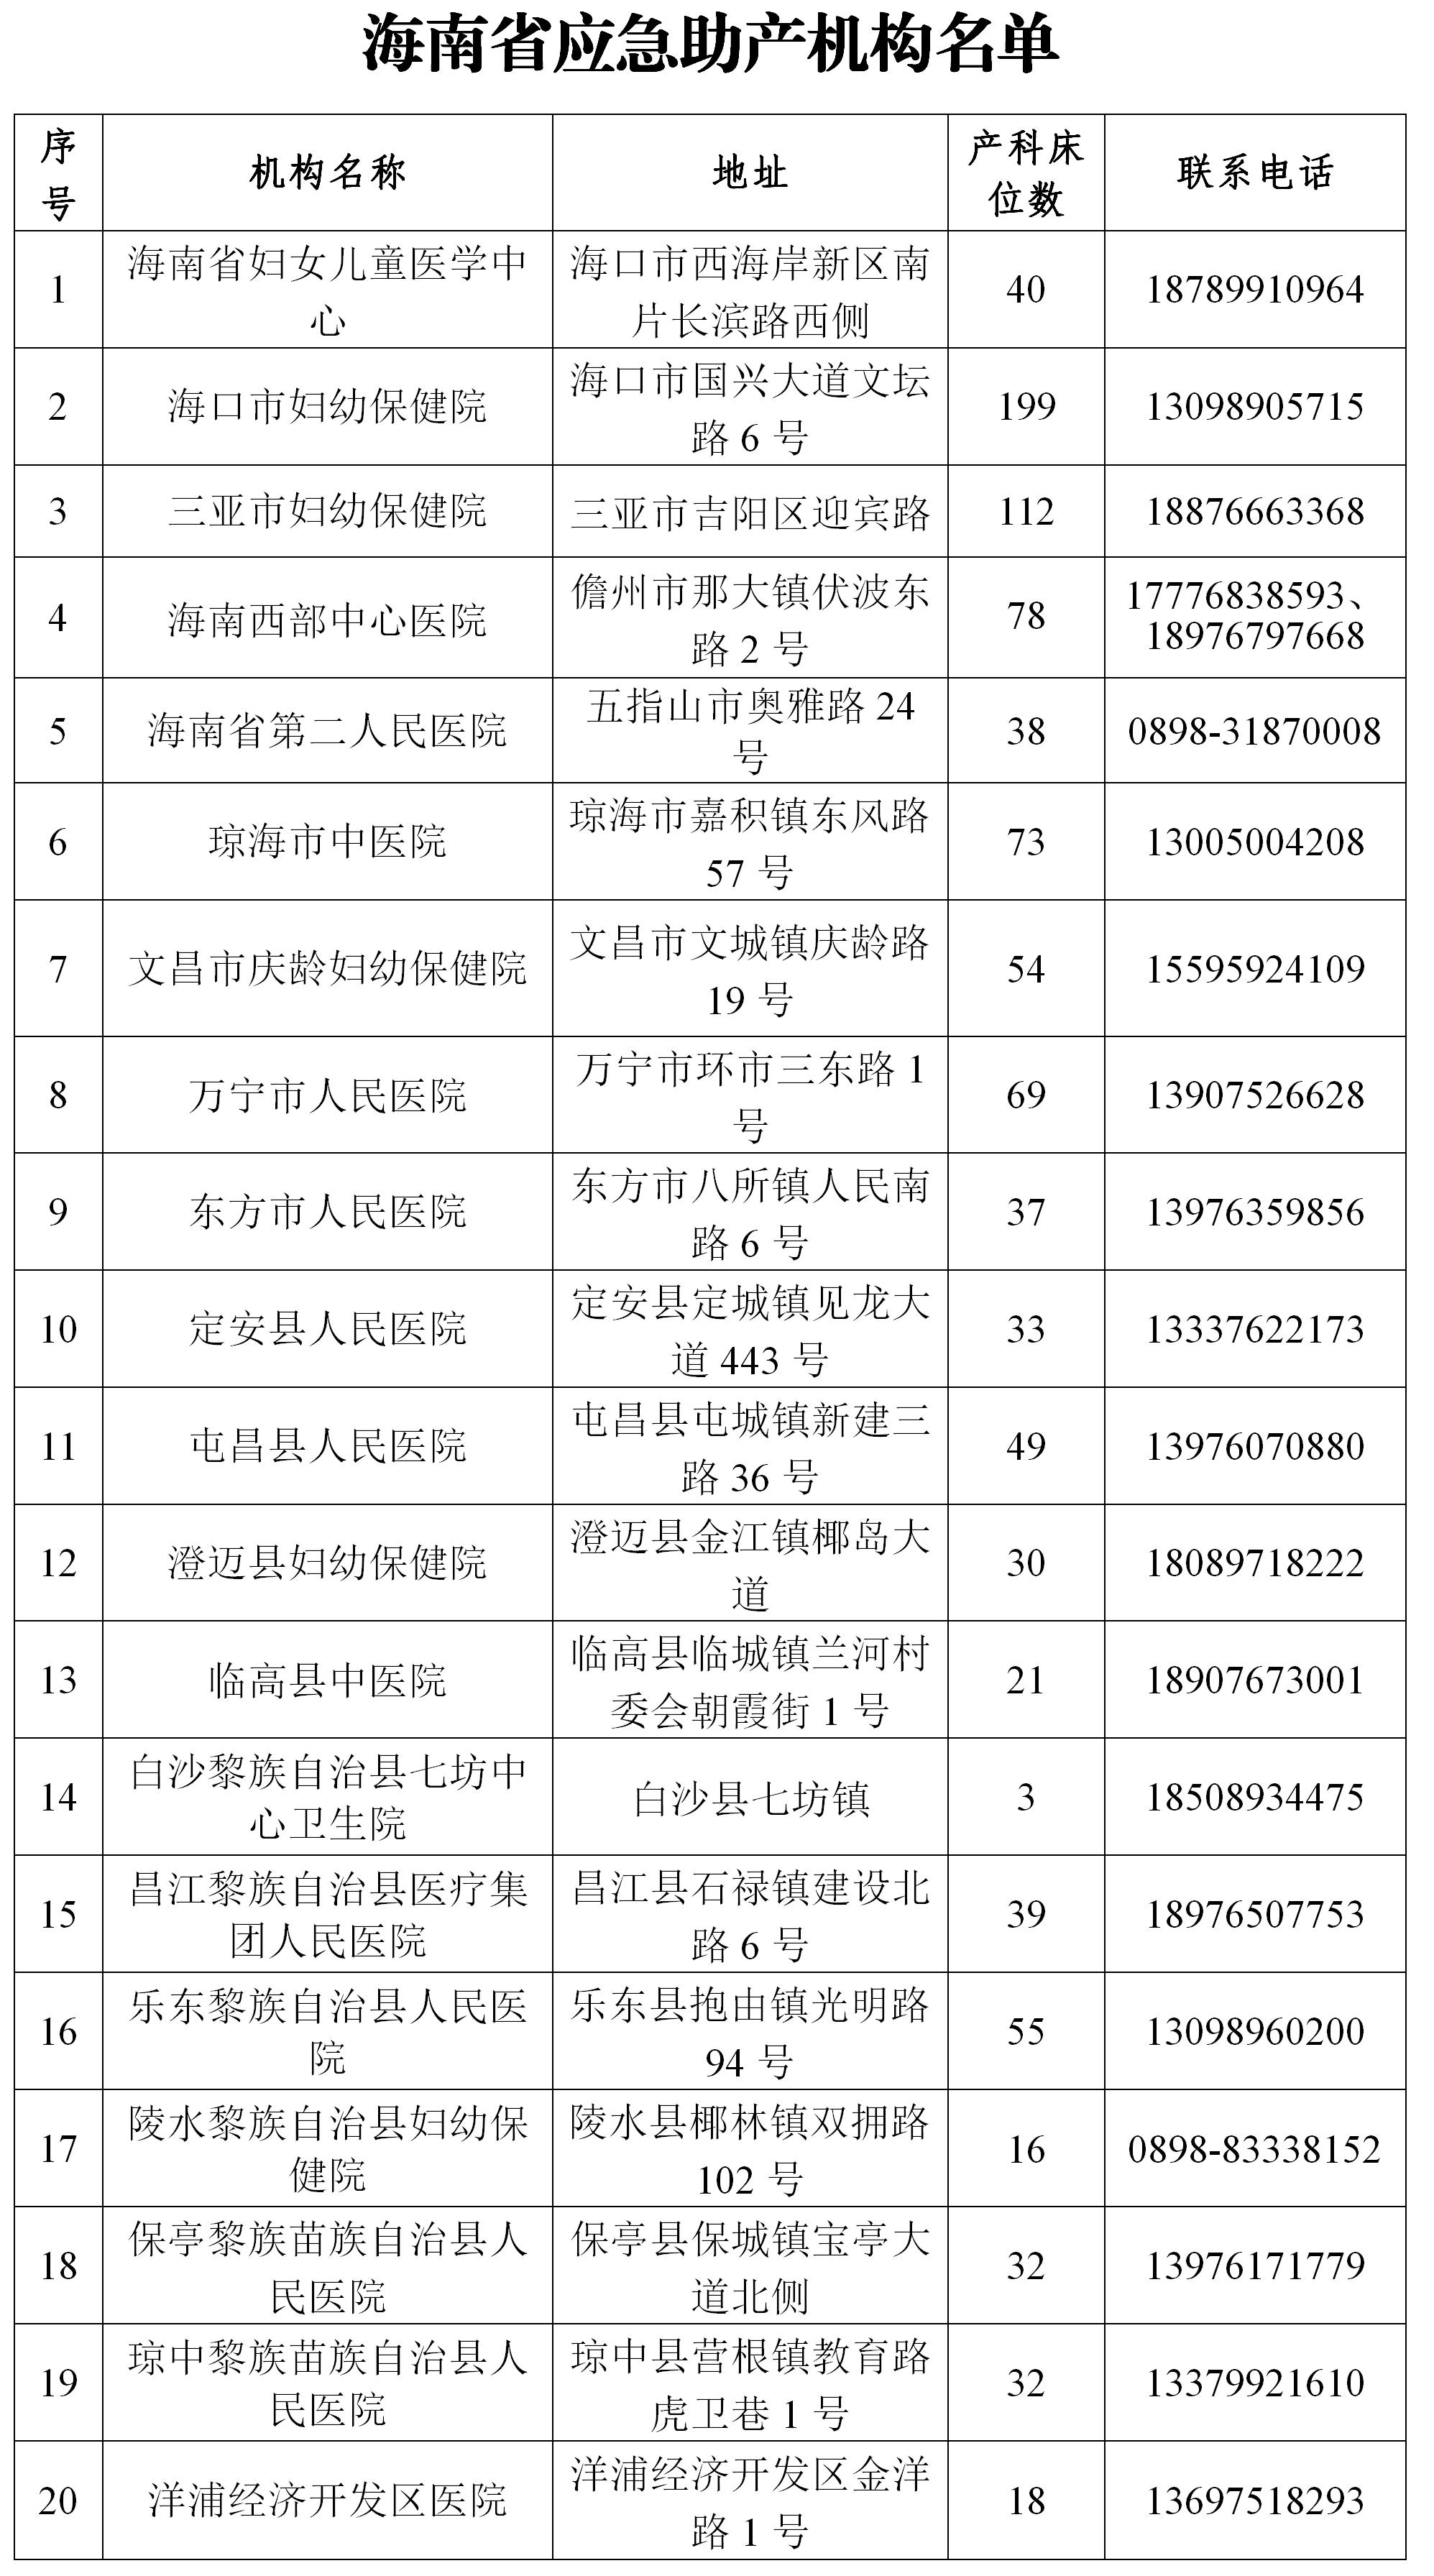 海南公布20家应急助产机构名单 应急承接疫情防